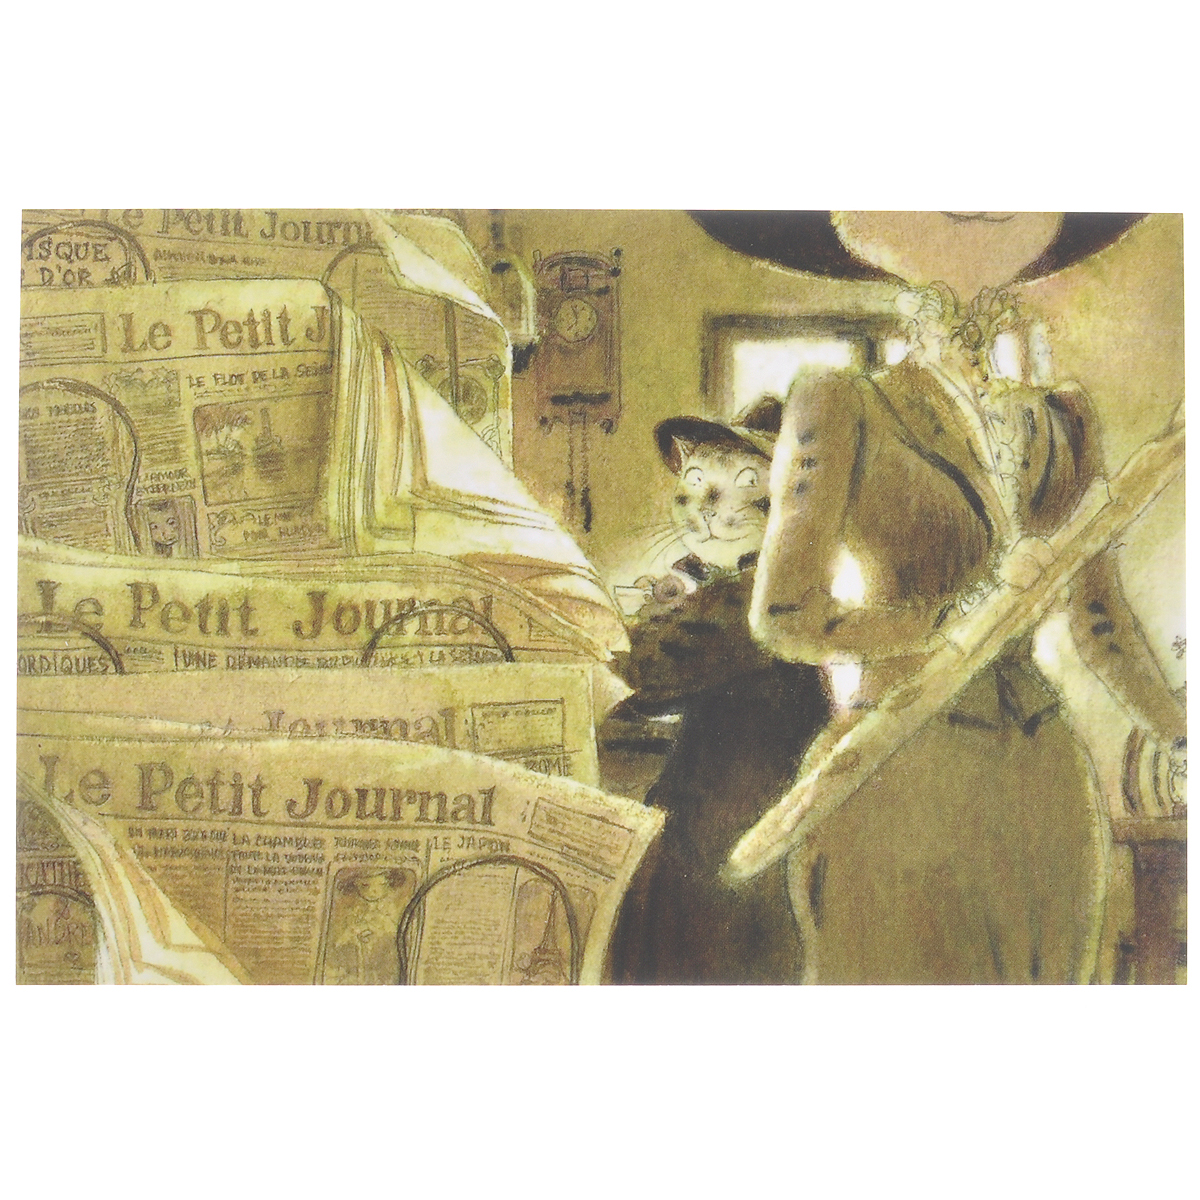 Открытка Однажды.... Из набора Парижский Кот-художник. Автор: Андрей Аринушкин1502Оригинальная дизайнерская открытка Однажды… из набора Парижский Кот-художник выполнена из плотного матового картона. На лицевой стороне расположена репродукция картины художника Андрея Аринушкина. На задней стороне имеется поле для записей.Такая открытка станет великолепным дополнением к подарку или оригинальным почтовым посланием, которое, несомненно, удивит получателя своим дизайном и подарит приятные воспоминания.